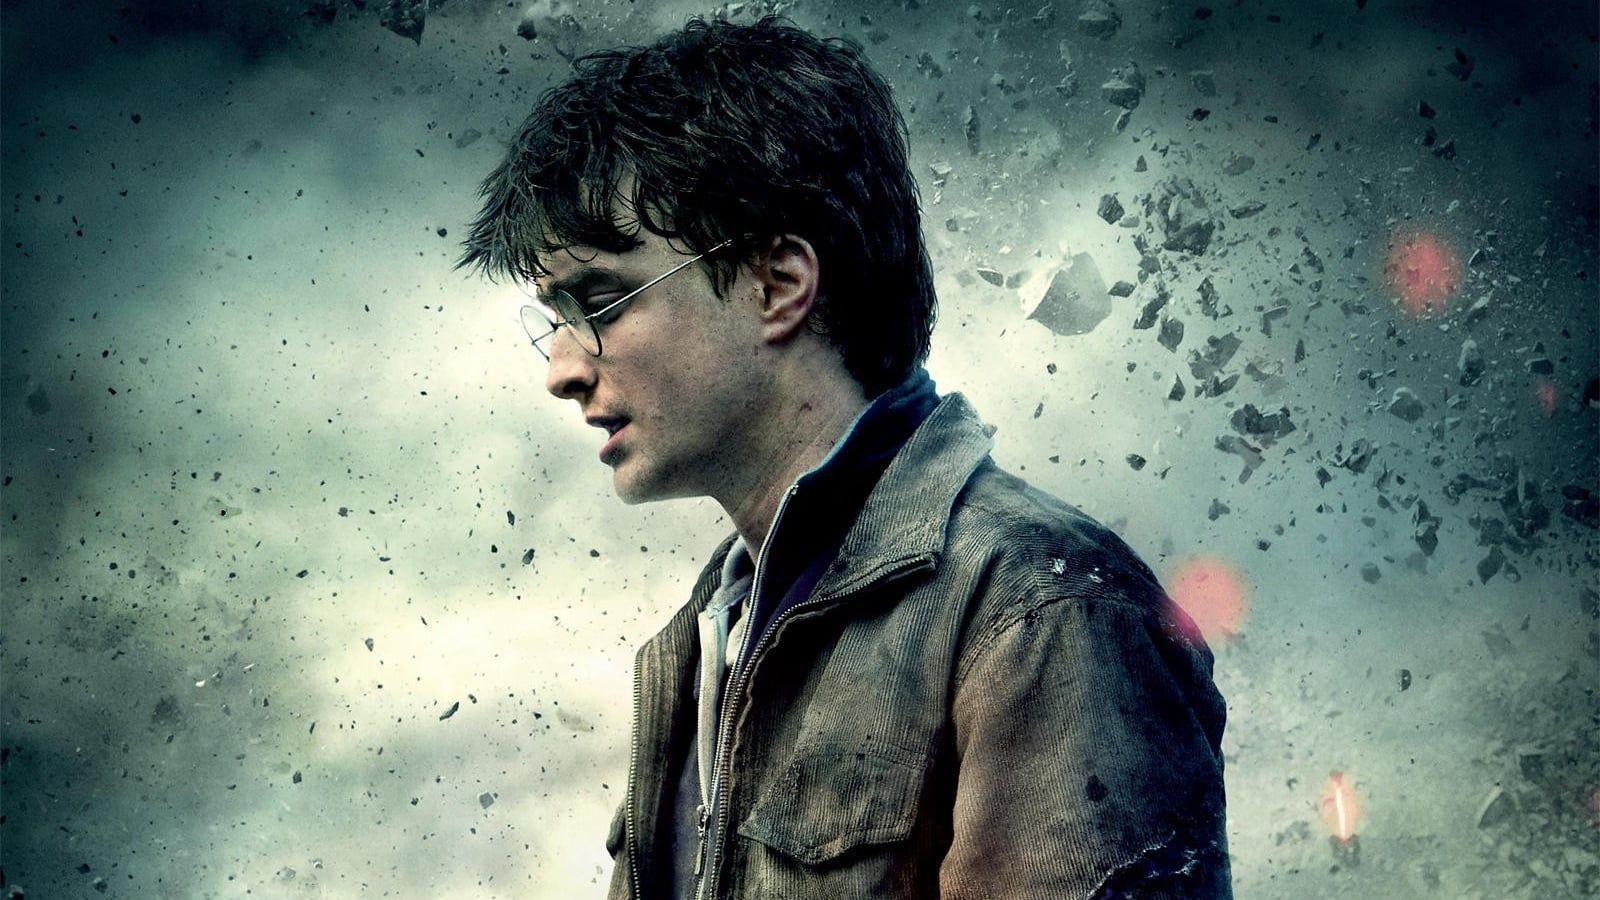 Harry Potter E I Doni Della Morte Parte 2 2011 Streaming Ita Cb01 Film Completo Italiano Al Harry Potter Wizard Harry Potter Hermione Harry Potter Fanfiction